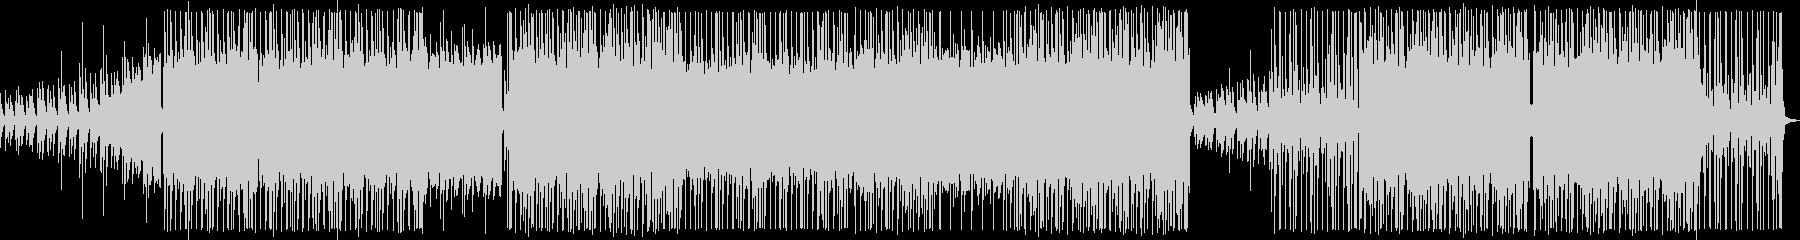 レゲトン×トラップ ヒップホップの未再生の波形